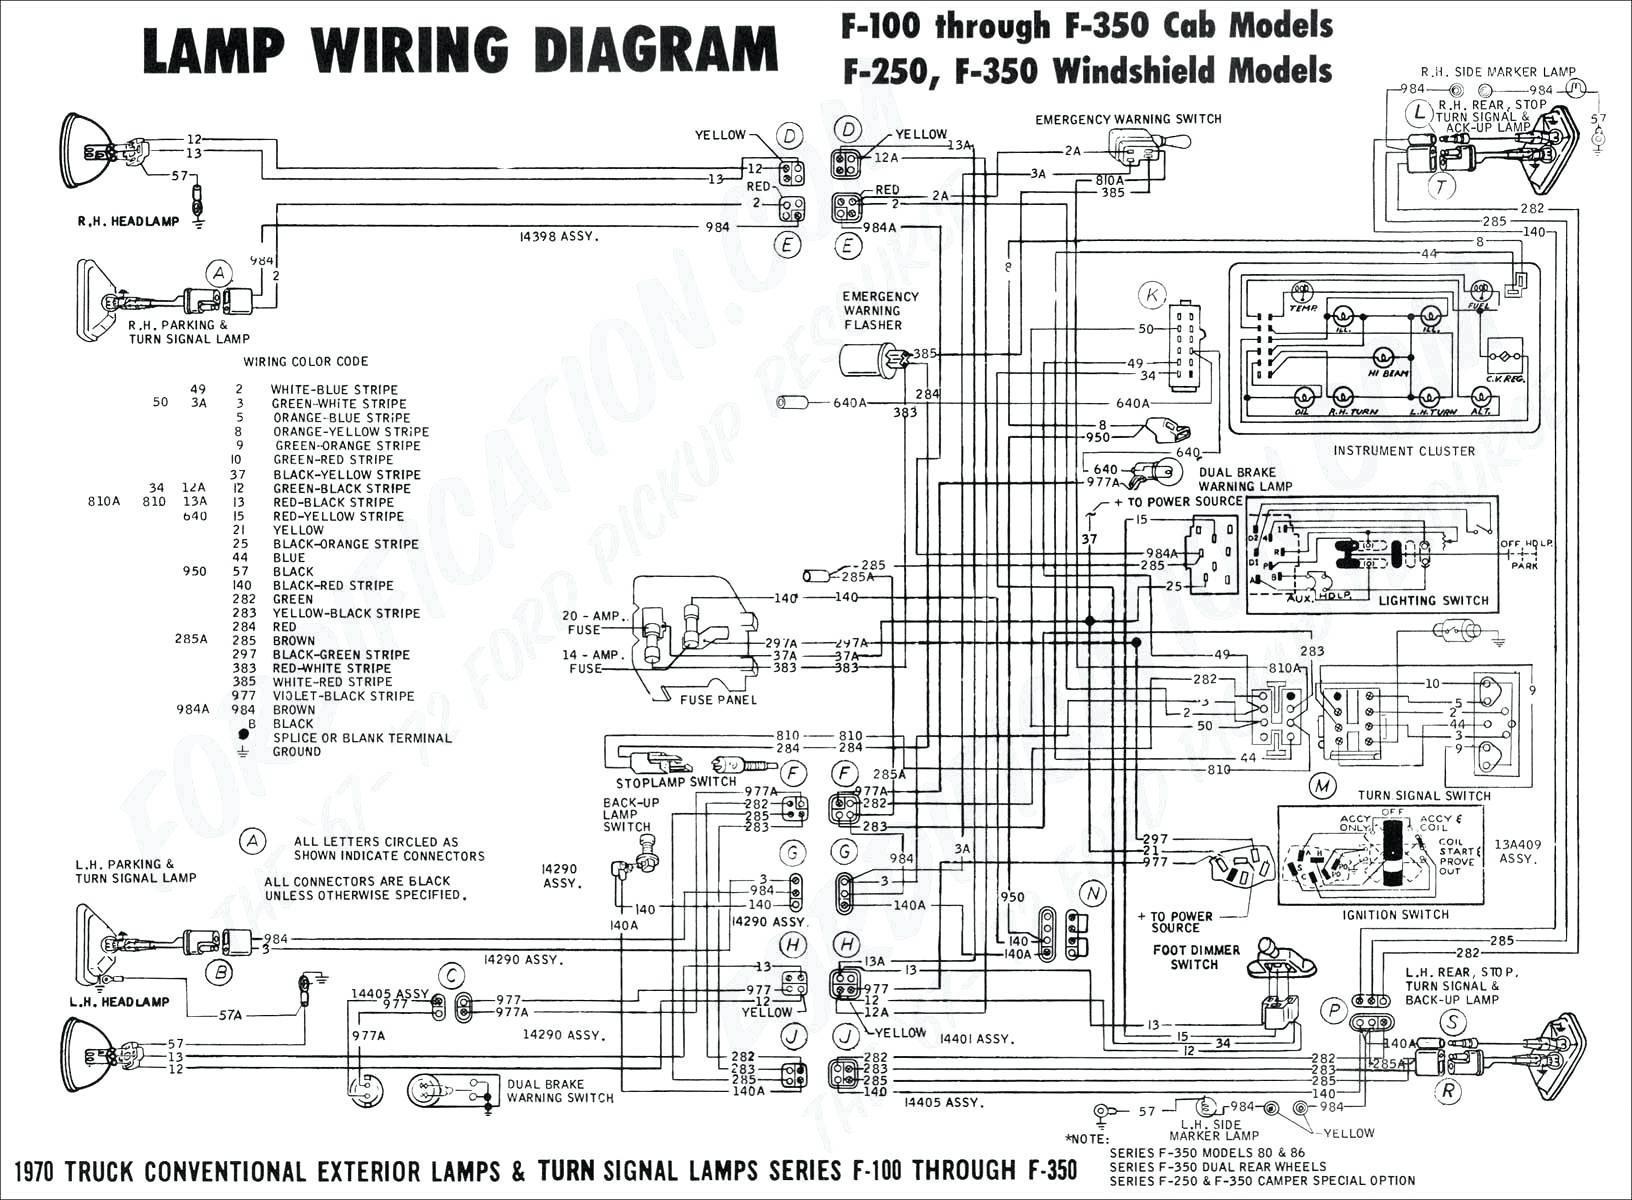 Wiring Diagram Back Up Alarm Wiring Diagram Today Wiring Diagram For Back Up Alarms